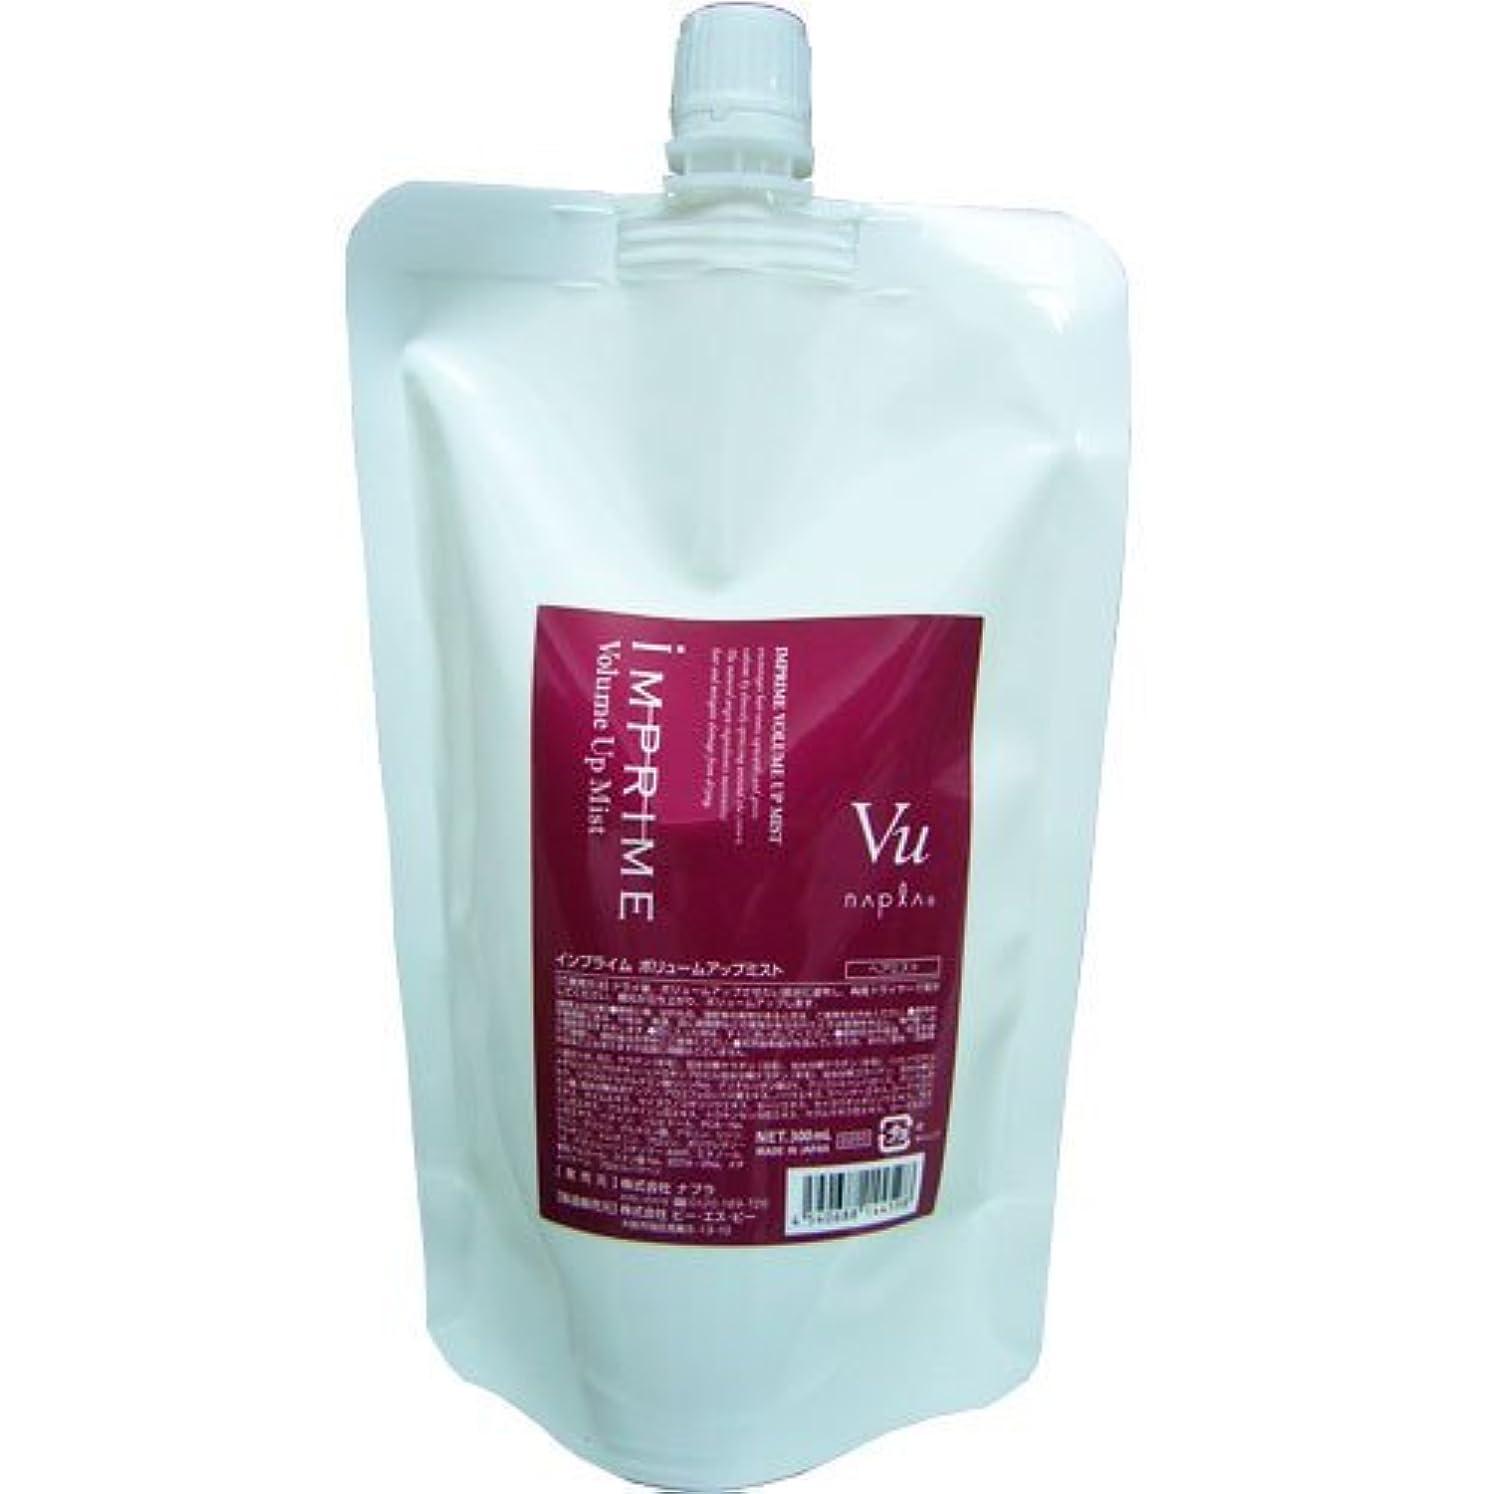 肉の崇拝する洗剤インプライム ボリュームアップミスト 300ml レフィル